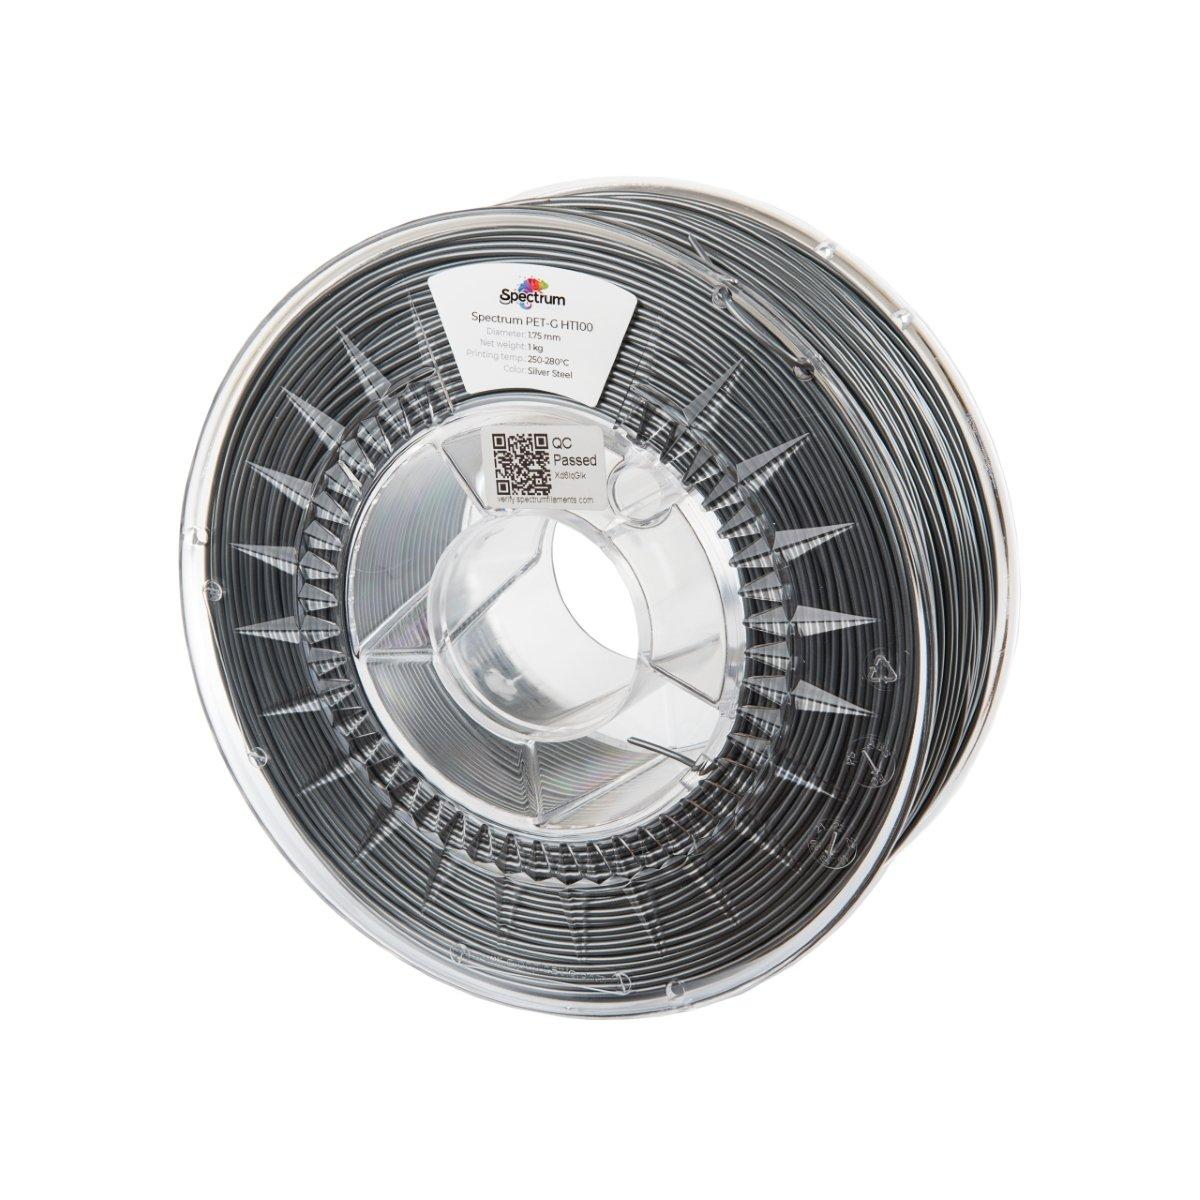 Billede af Spectrum Filaments - PETG HT100 - 1.75mm - Silver Steel - 1 kg